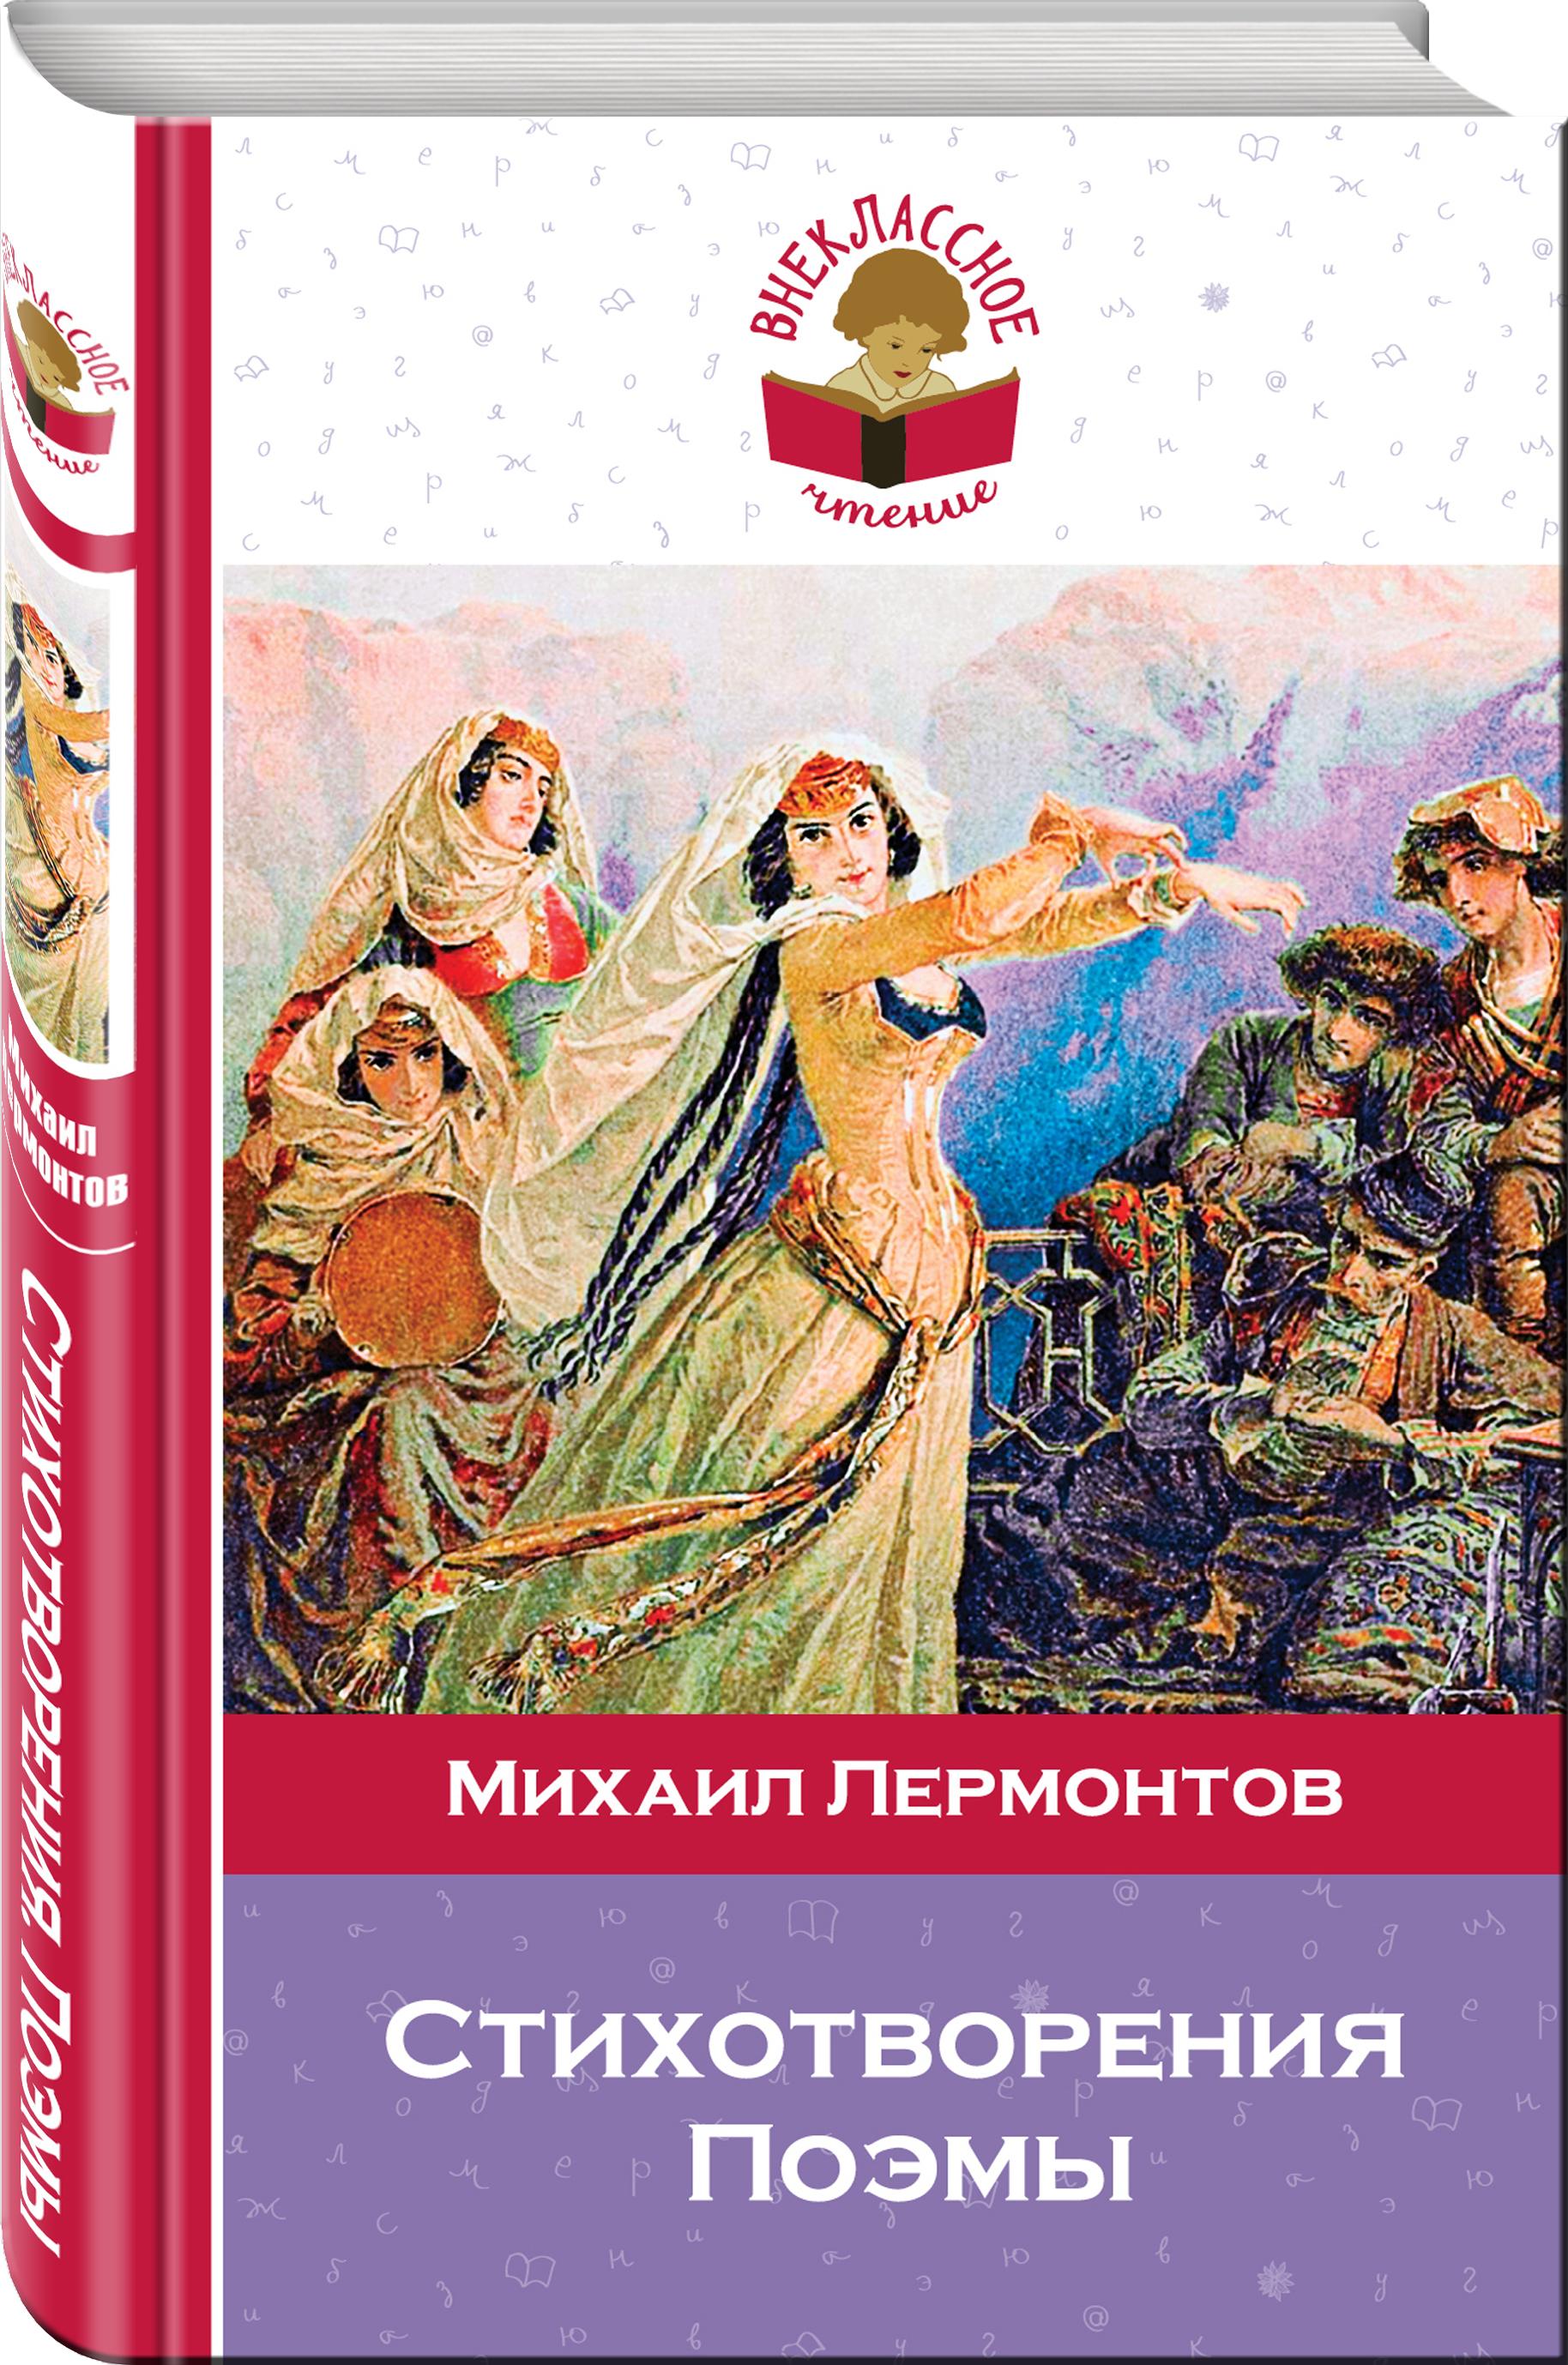 цена на Михаил Лермонтов Стихотворения. Поэмы